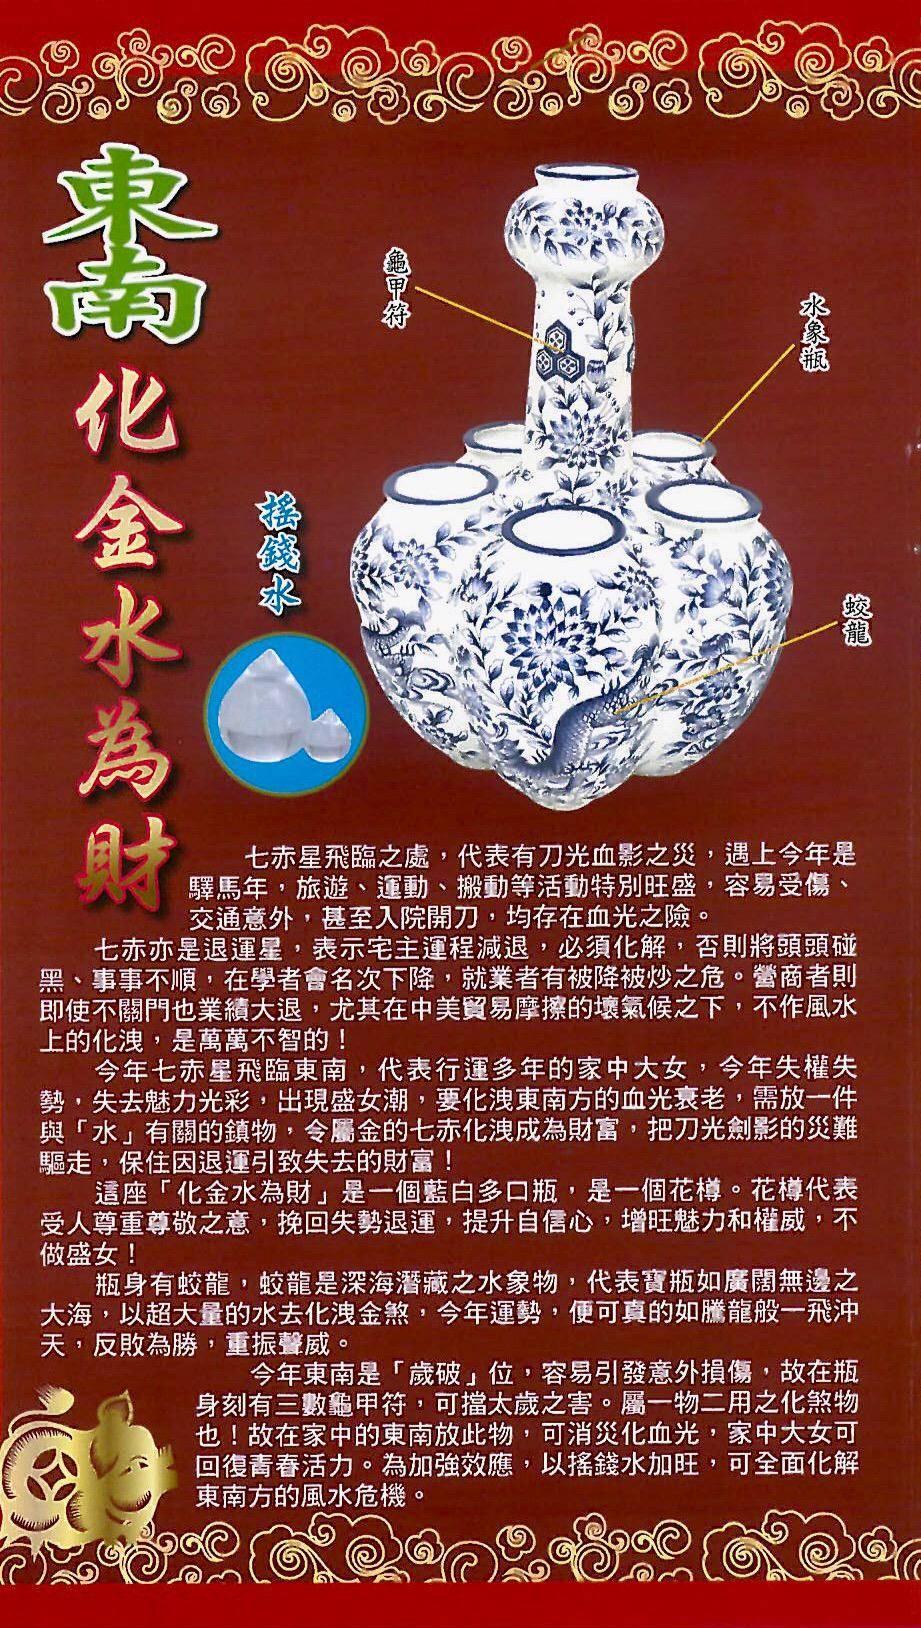 2019東南-化金水為財.七赤(退運 保運)(另購搖錢水) 2019007